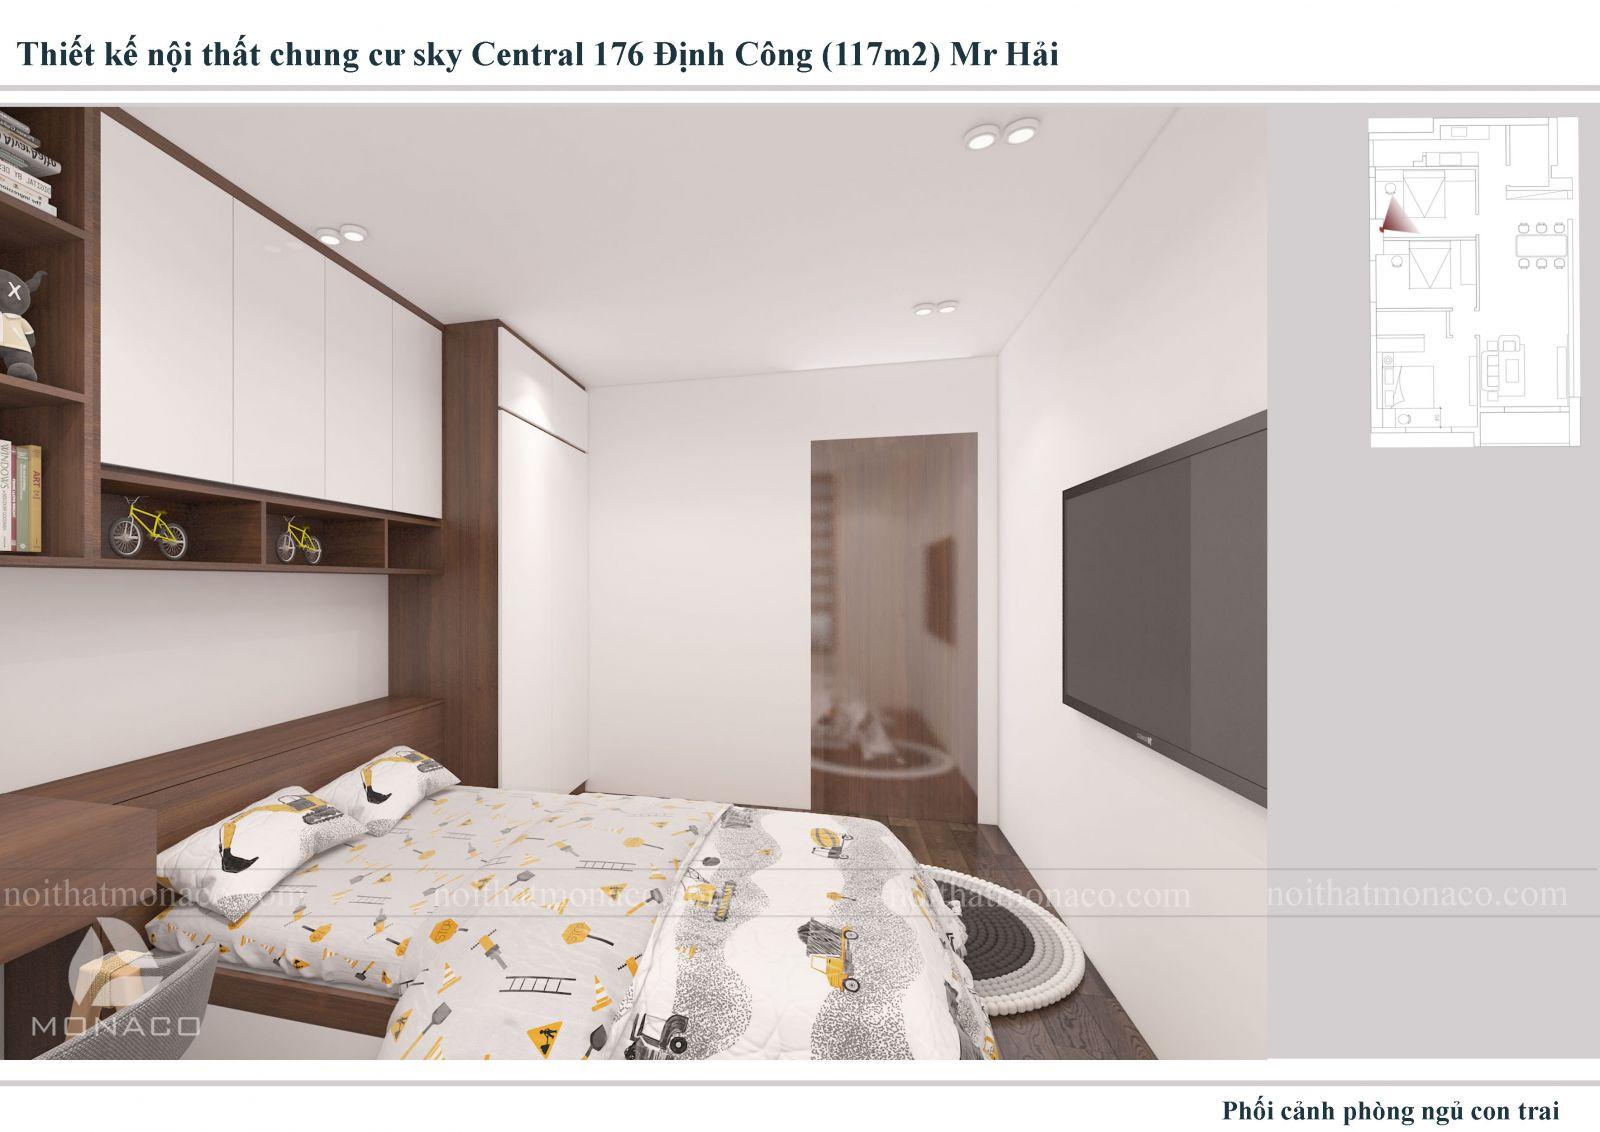 Thiết kế nội thất phòng ngủ trẻ em 2 chung cu sky central